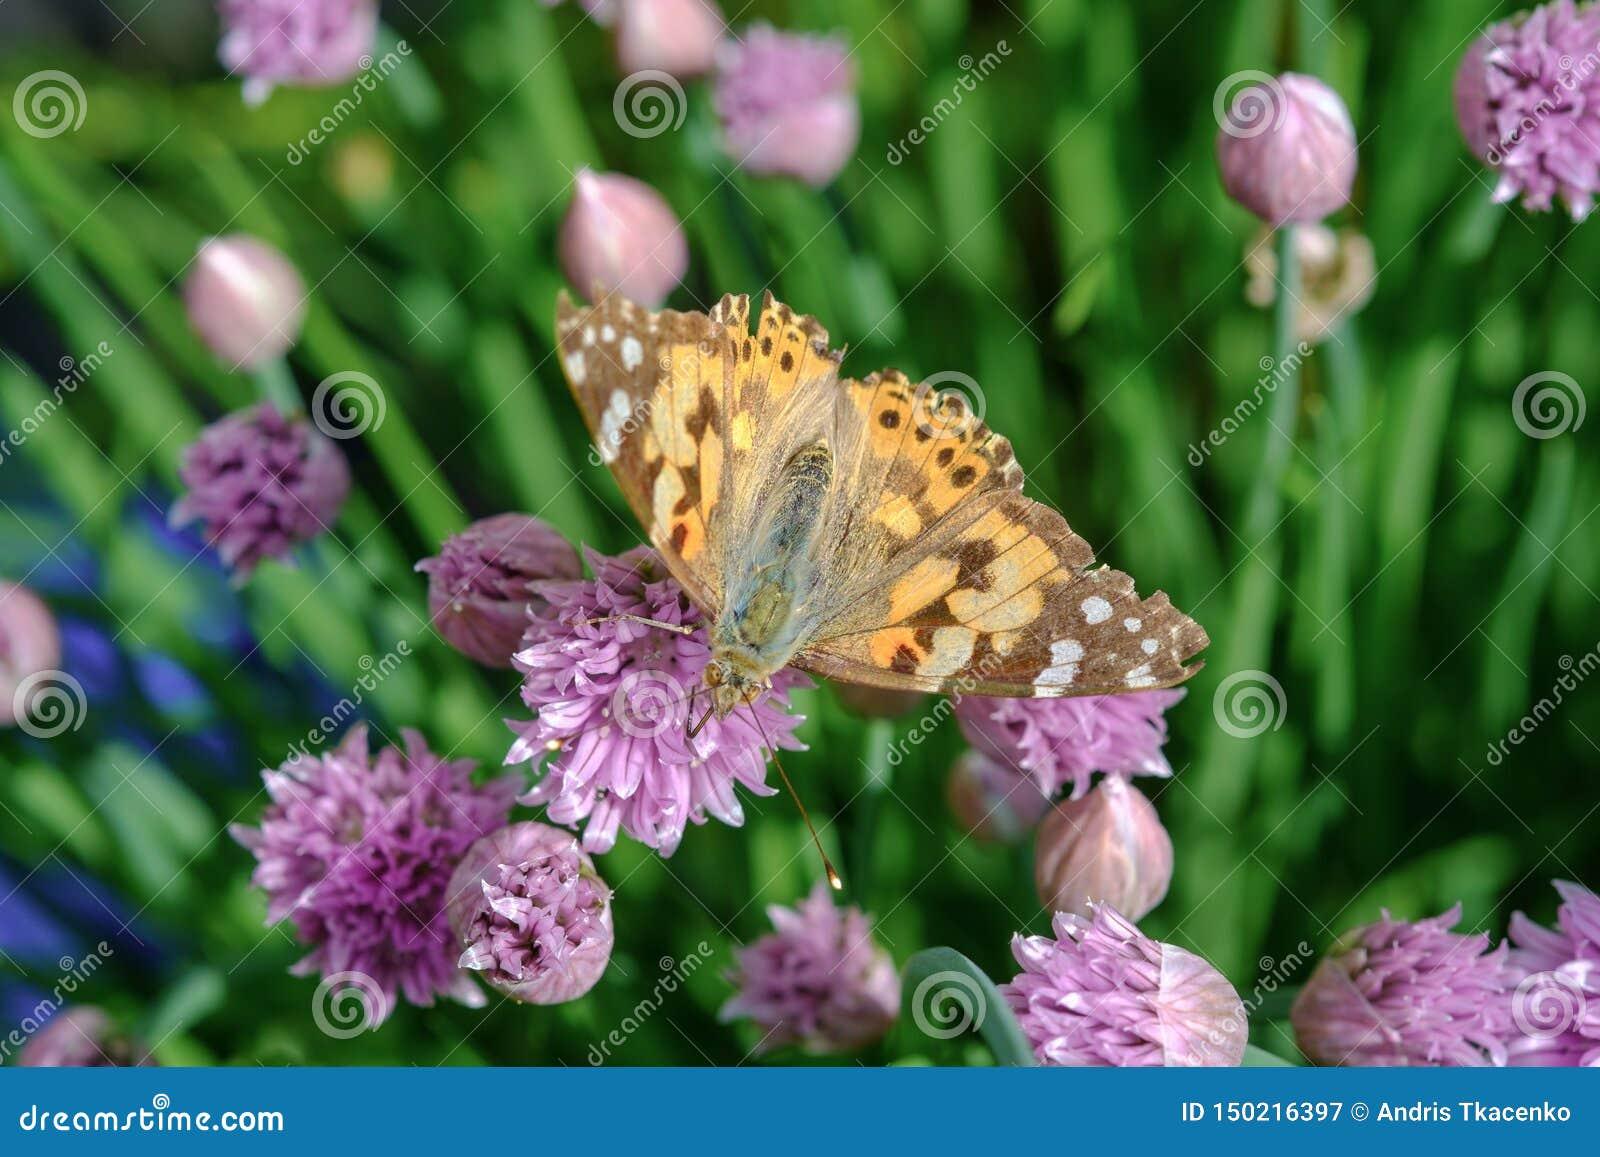 Ciboulette et papillon orange dans le jardin